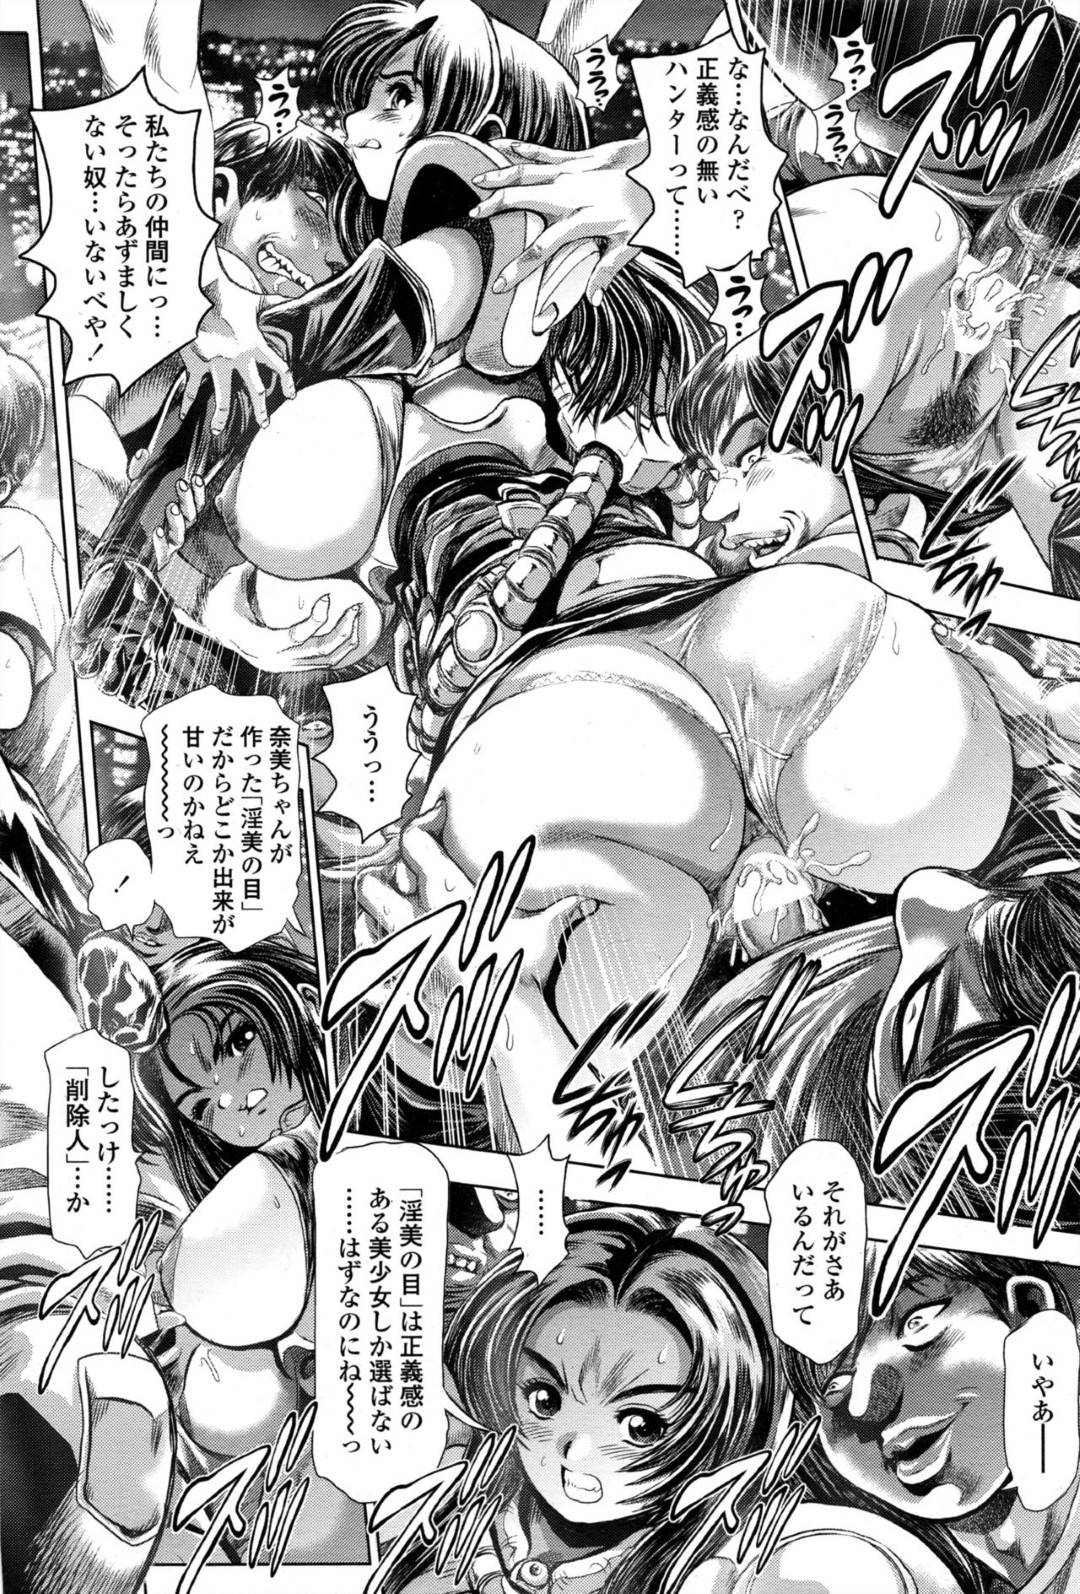 【淫乱お姉さんエロ漫画】景子と少年は漫喫で、少年に能力を与えた女性に会う。女性はモニター内で少年と生ハメセックスした事を思い出しながらオナニーする【ちゃたろー】